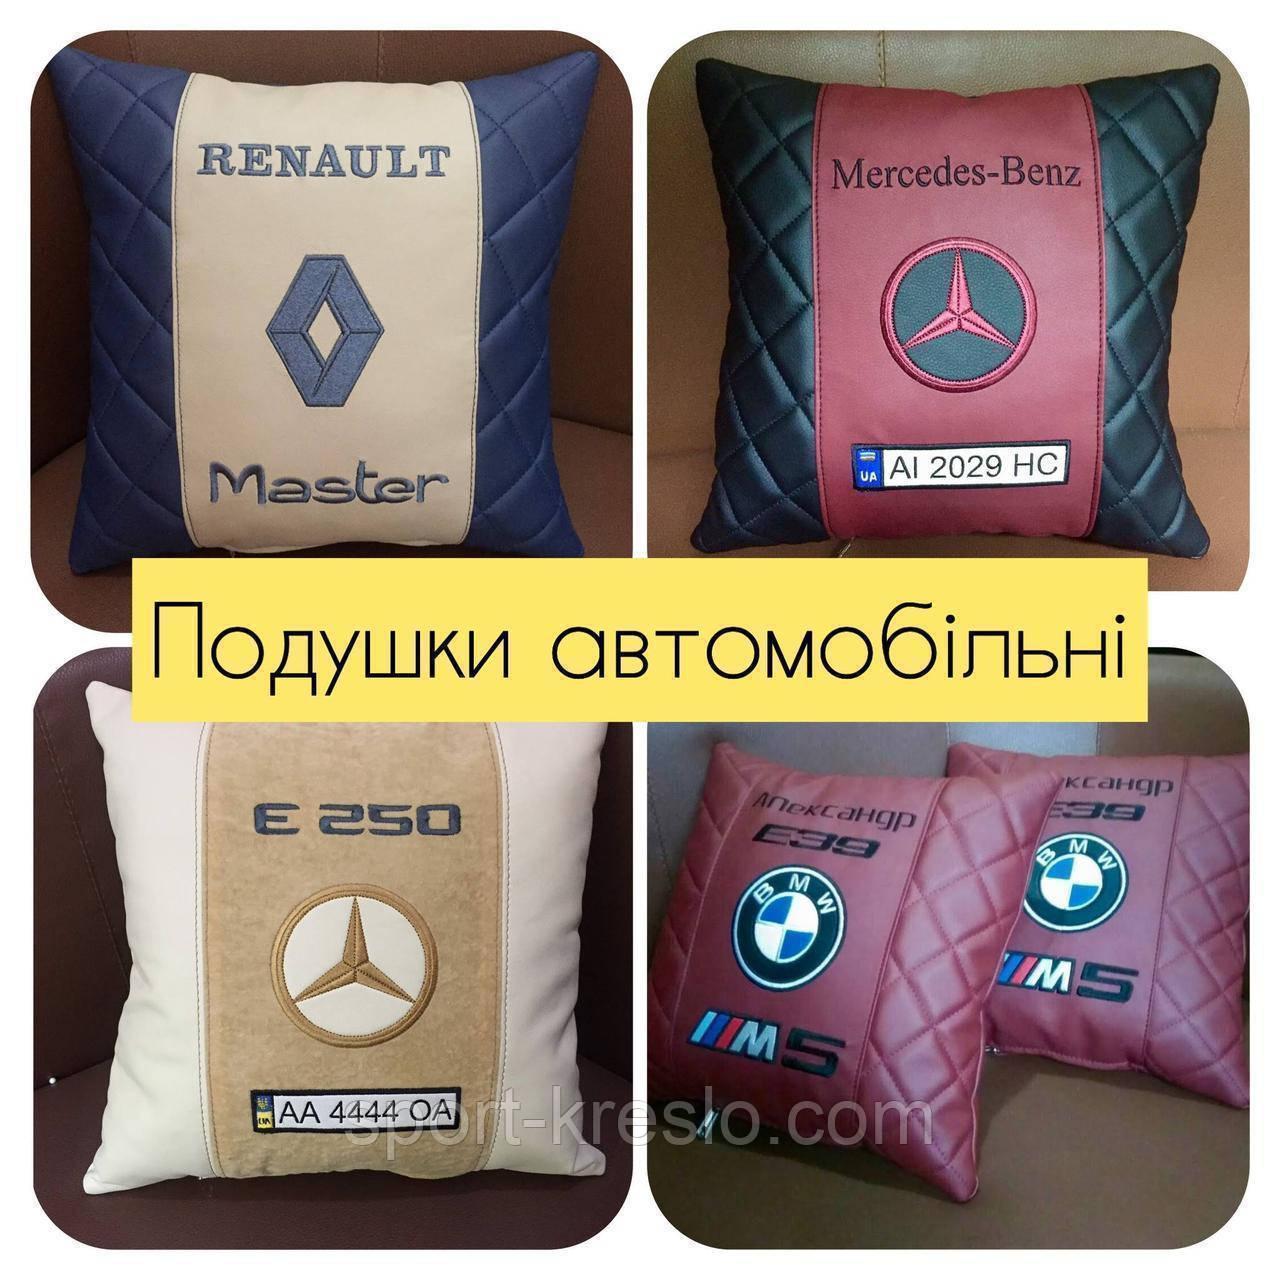 Сувенирные подушки с логотипом, госномером, подушки-подголовники, автосувениры